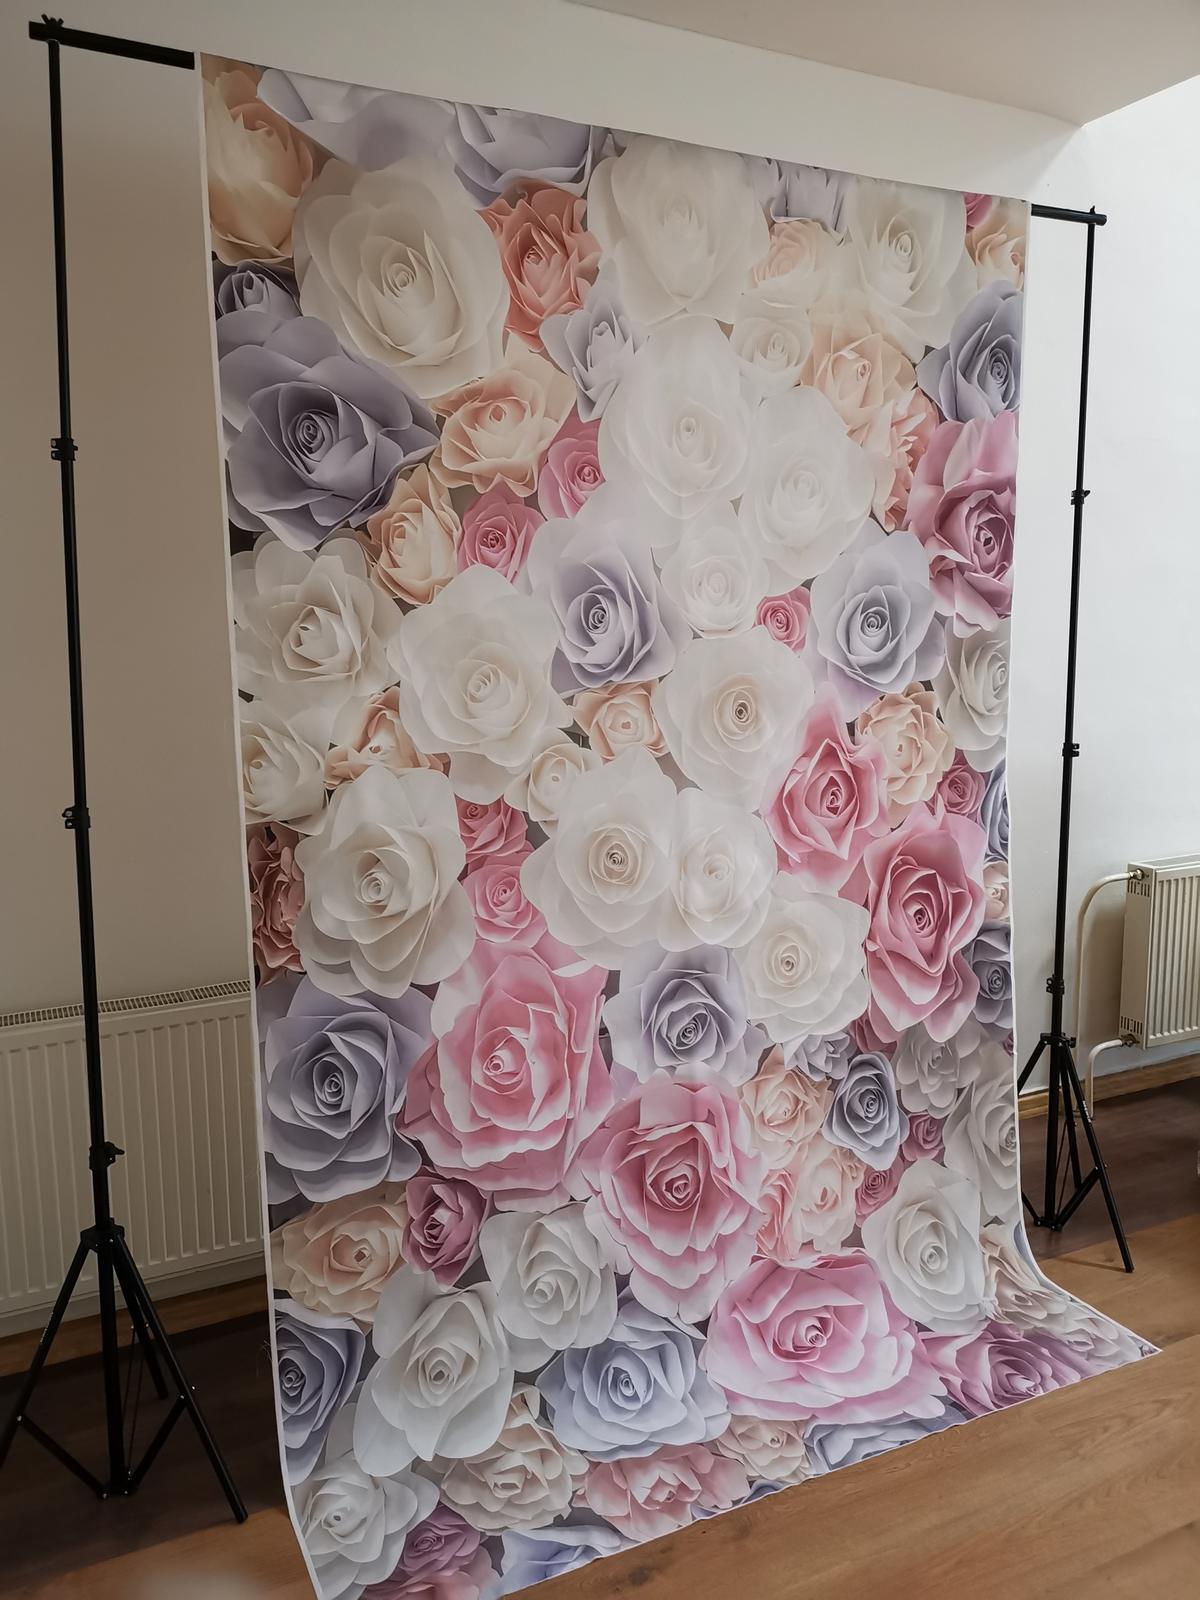 Kvetinová stena s konštrukciou  - Obrázok č. 1